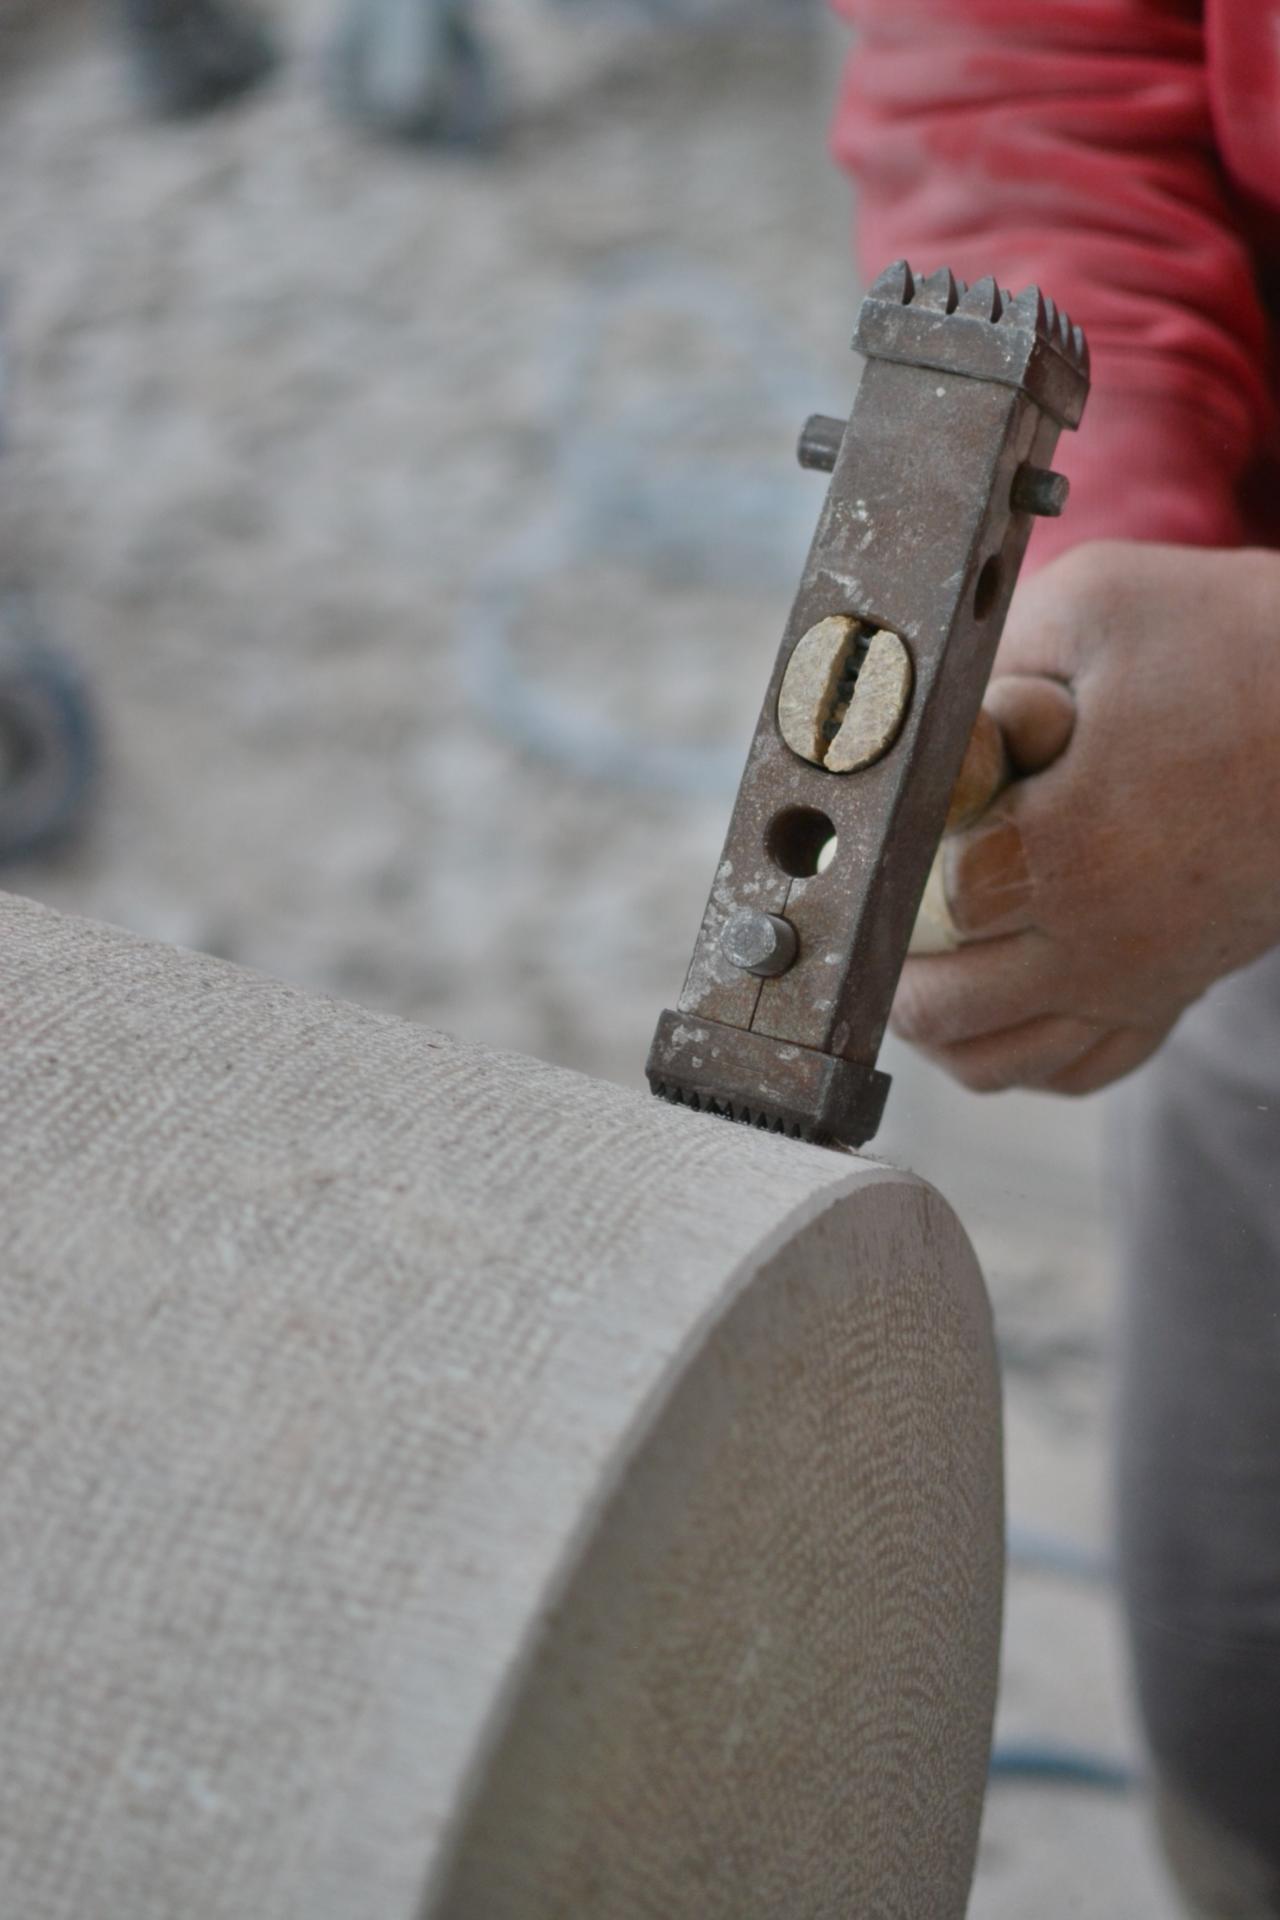 tradition setp modernité tc1350 usinage comblanchien manuel bouchardée ciselée